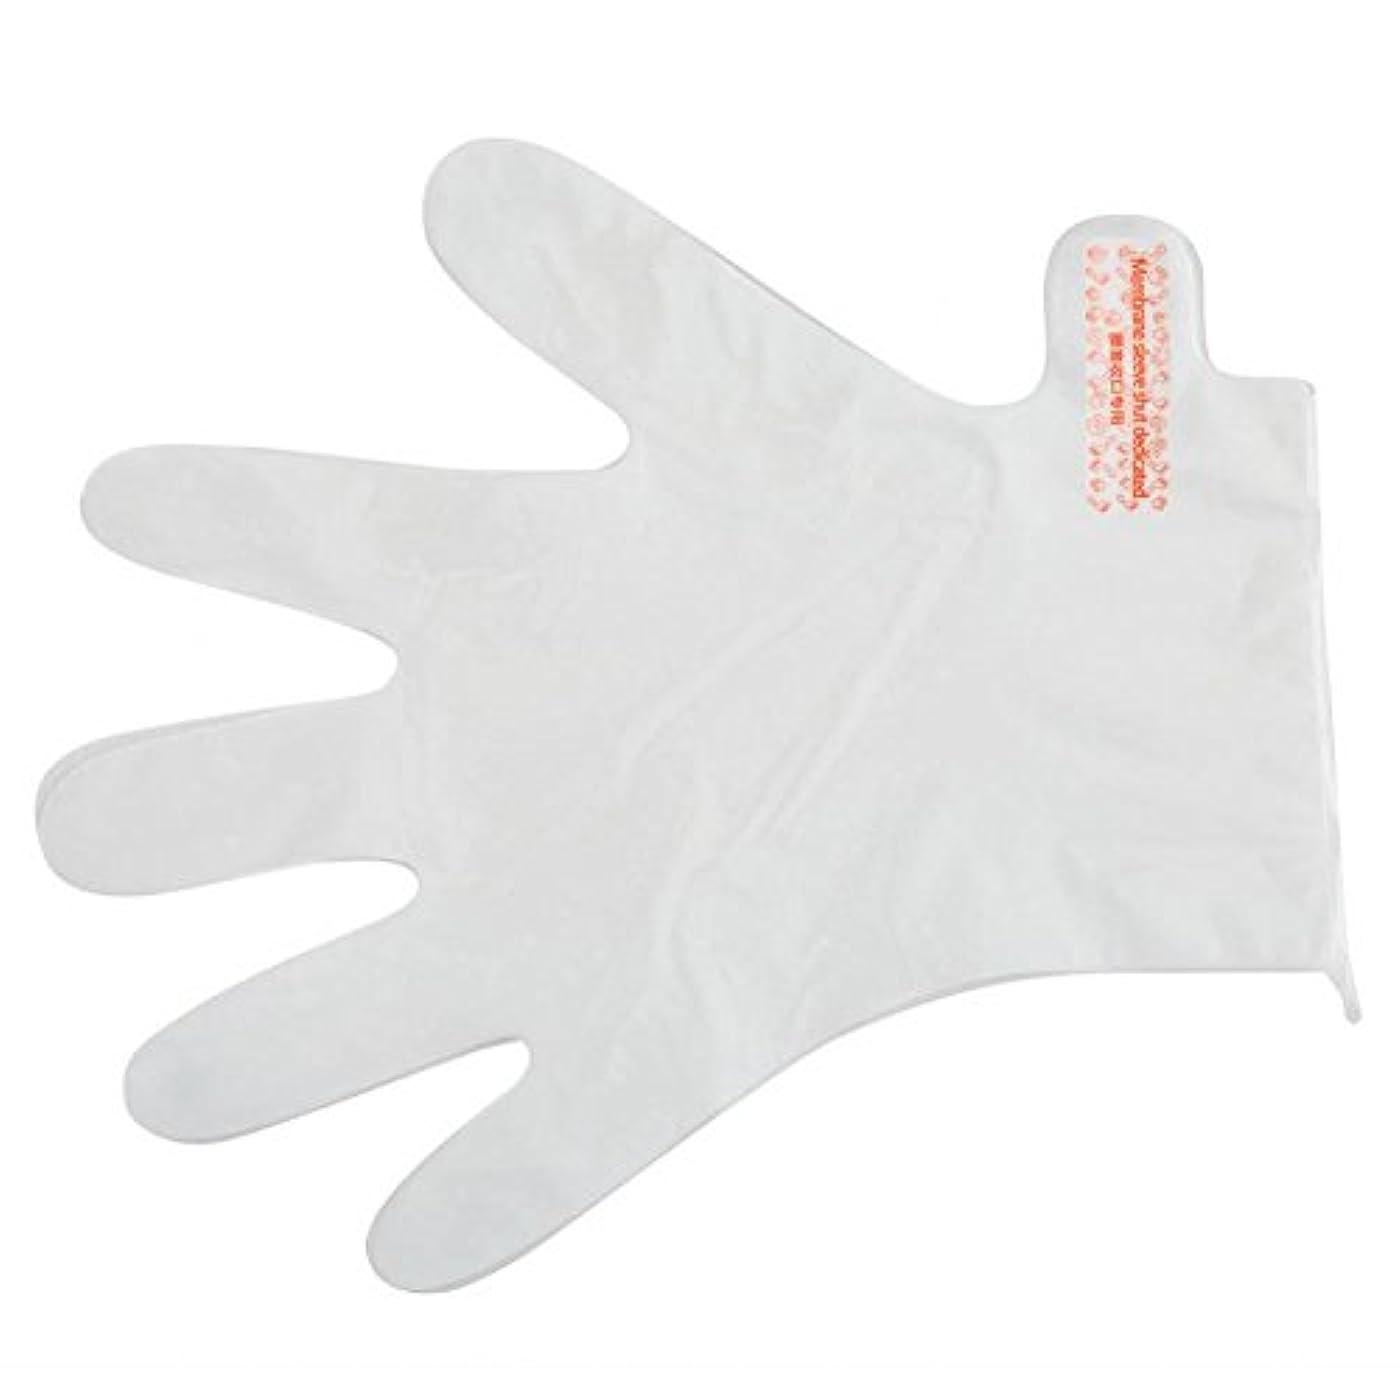 資本予防接種する荒廃するハンドマスク ハンドパック 5セット 保湿 美白 手ケア ハンドケア 手袋 乾燥 肌荒れ対策 手 指 潤い ホワイトニング モイスチャー 自宅 しっとり